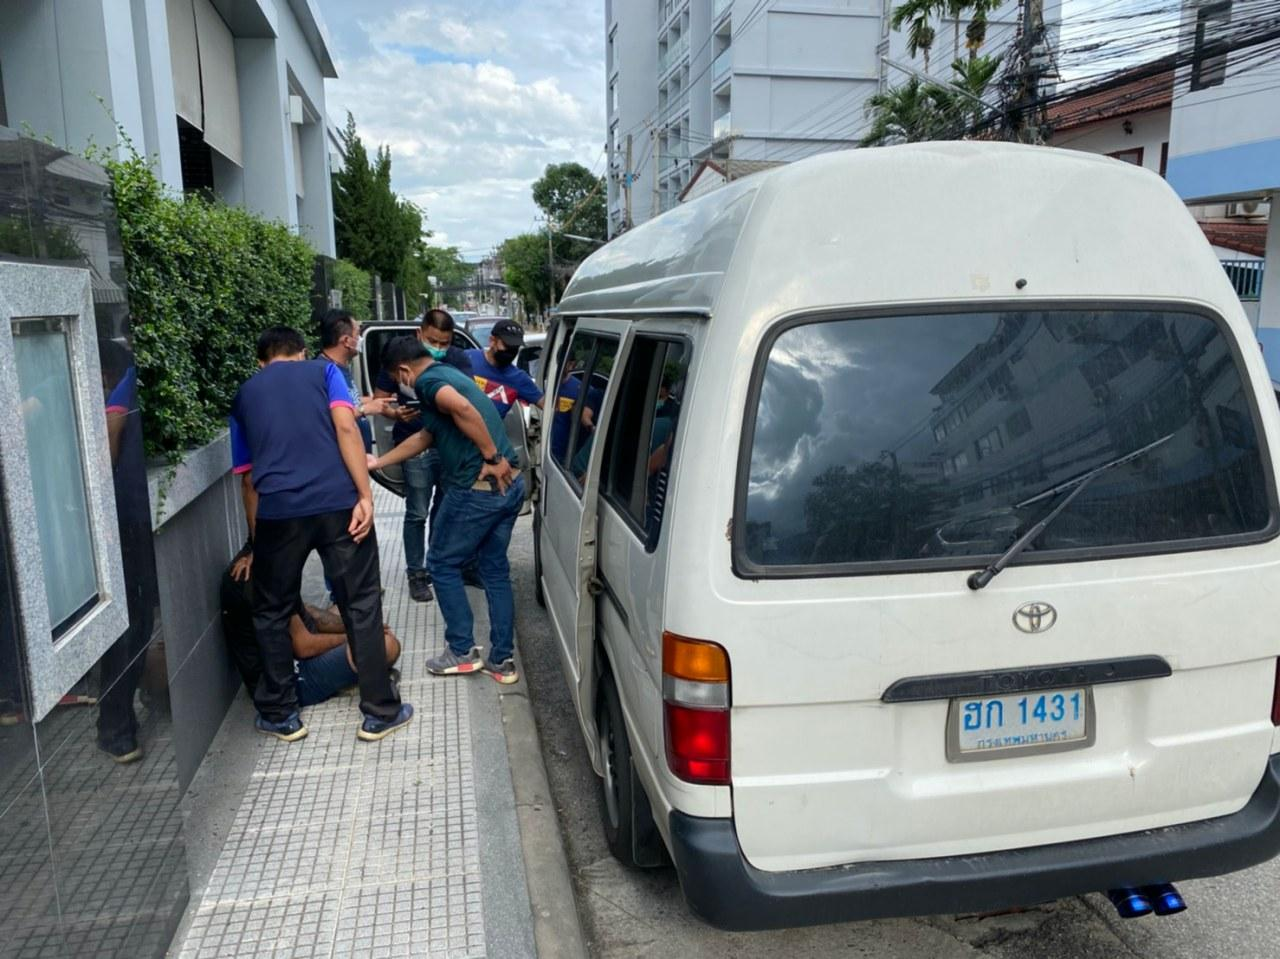 В Таиланде арестованный за наркотики иностранец утверждает, что он «Робин Гуд»